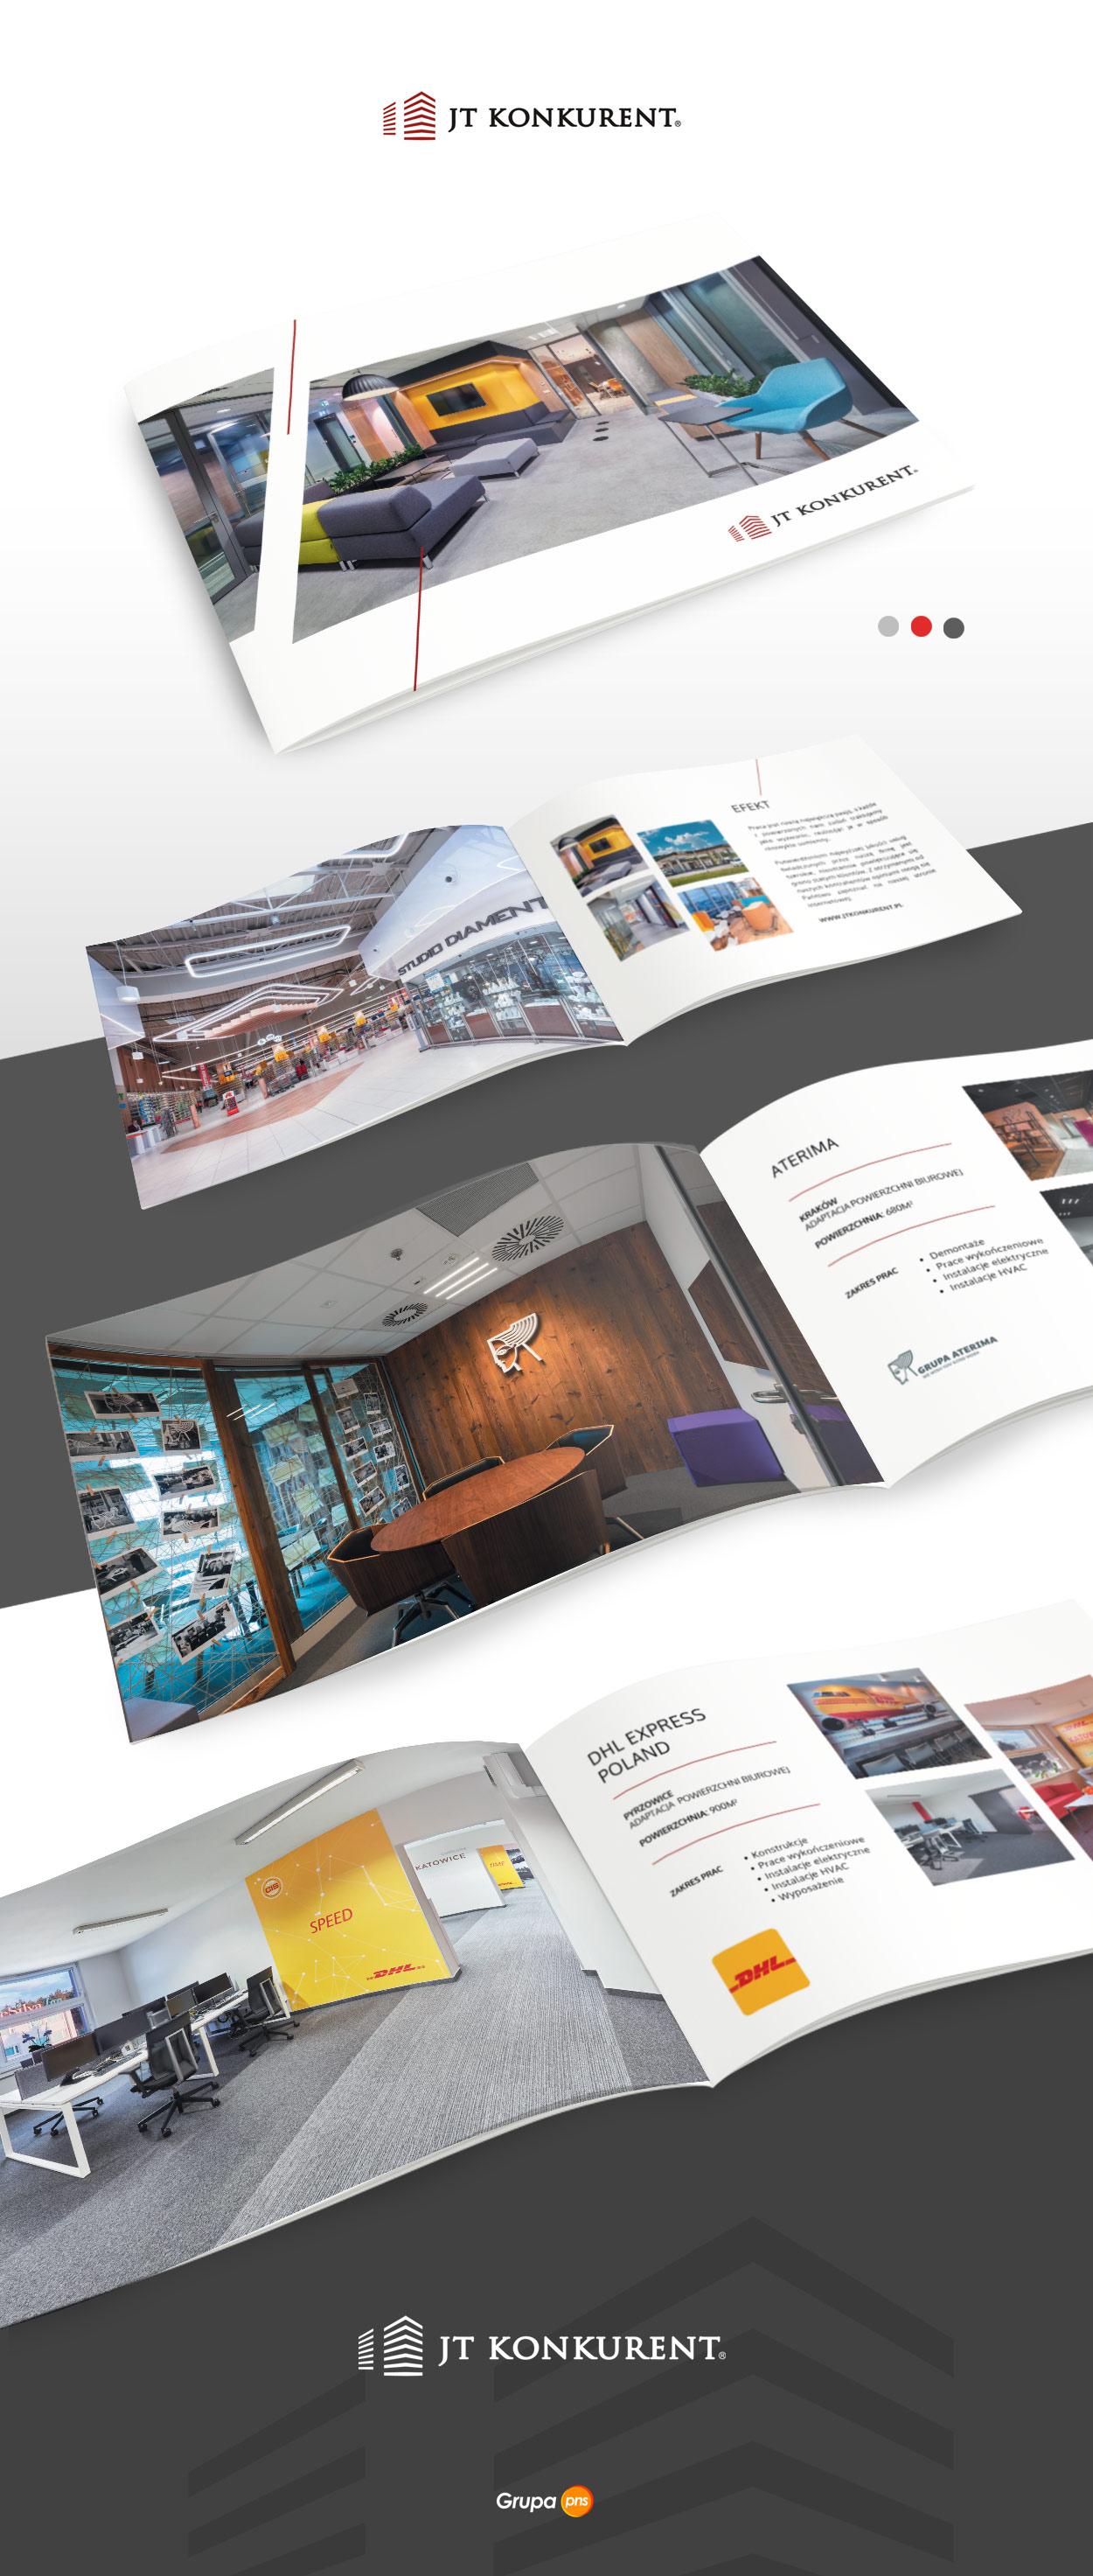 projekt-katalog-firmowy-do-druku-firma-budowlana-jt-konkurent